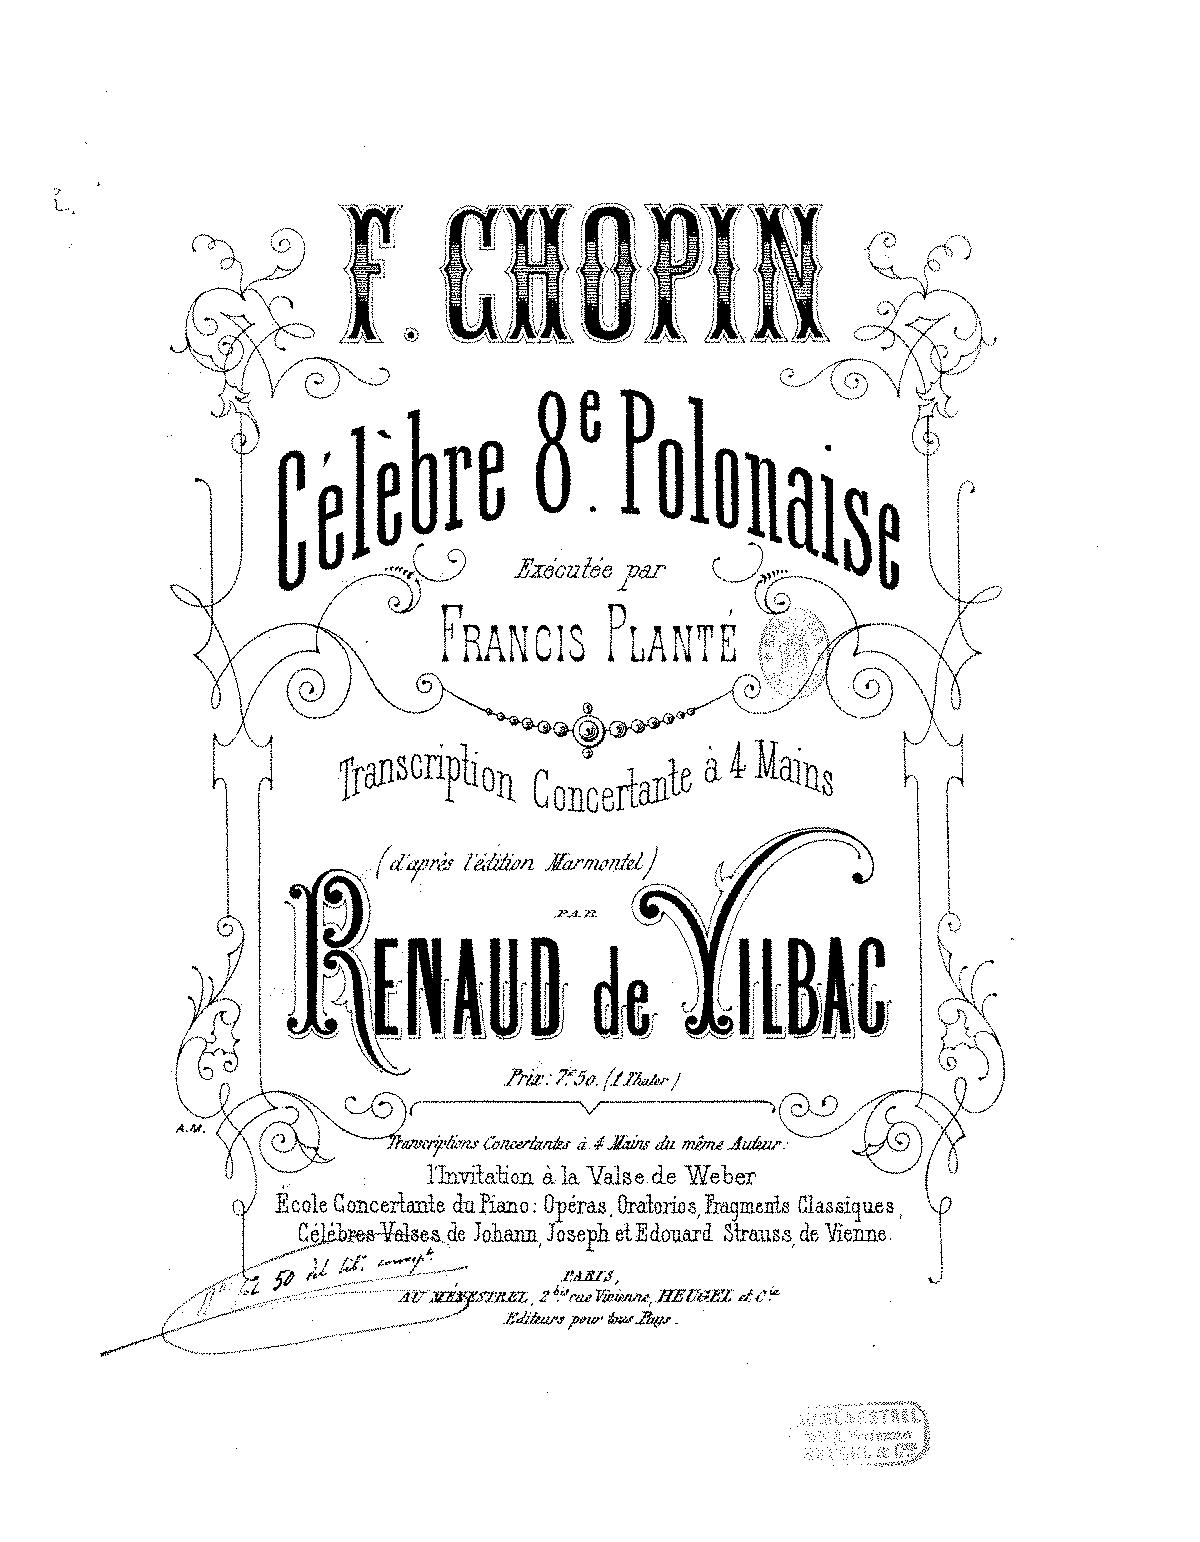 Polonaise in A-flat major, Op.53 (Chopin, Frédéric